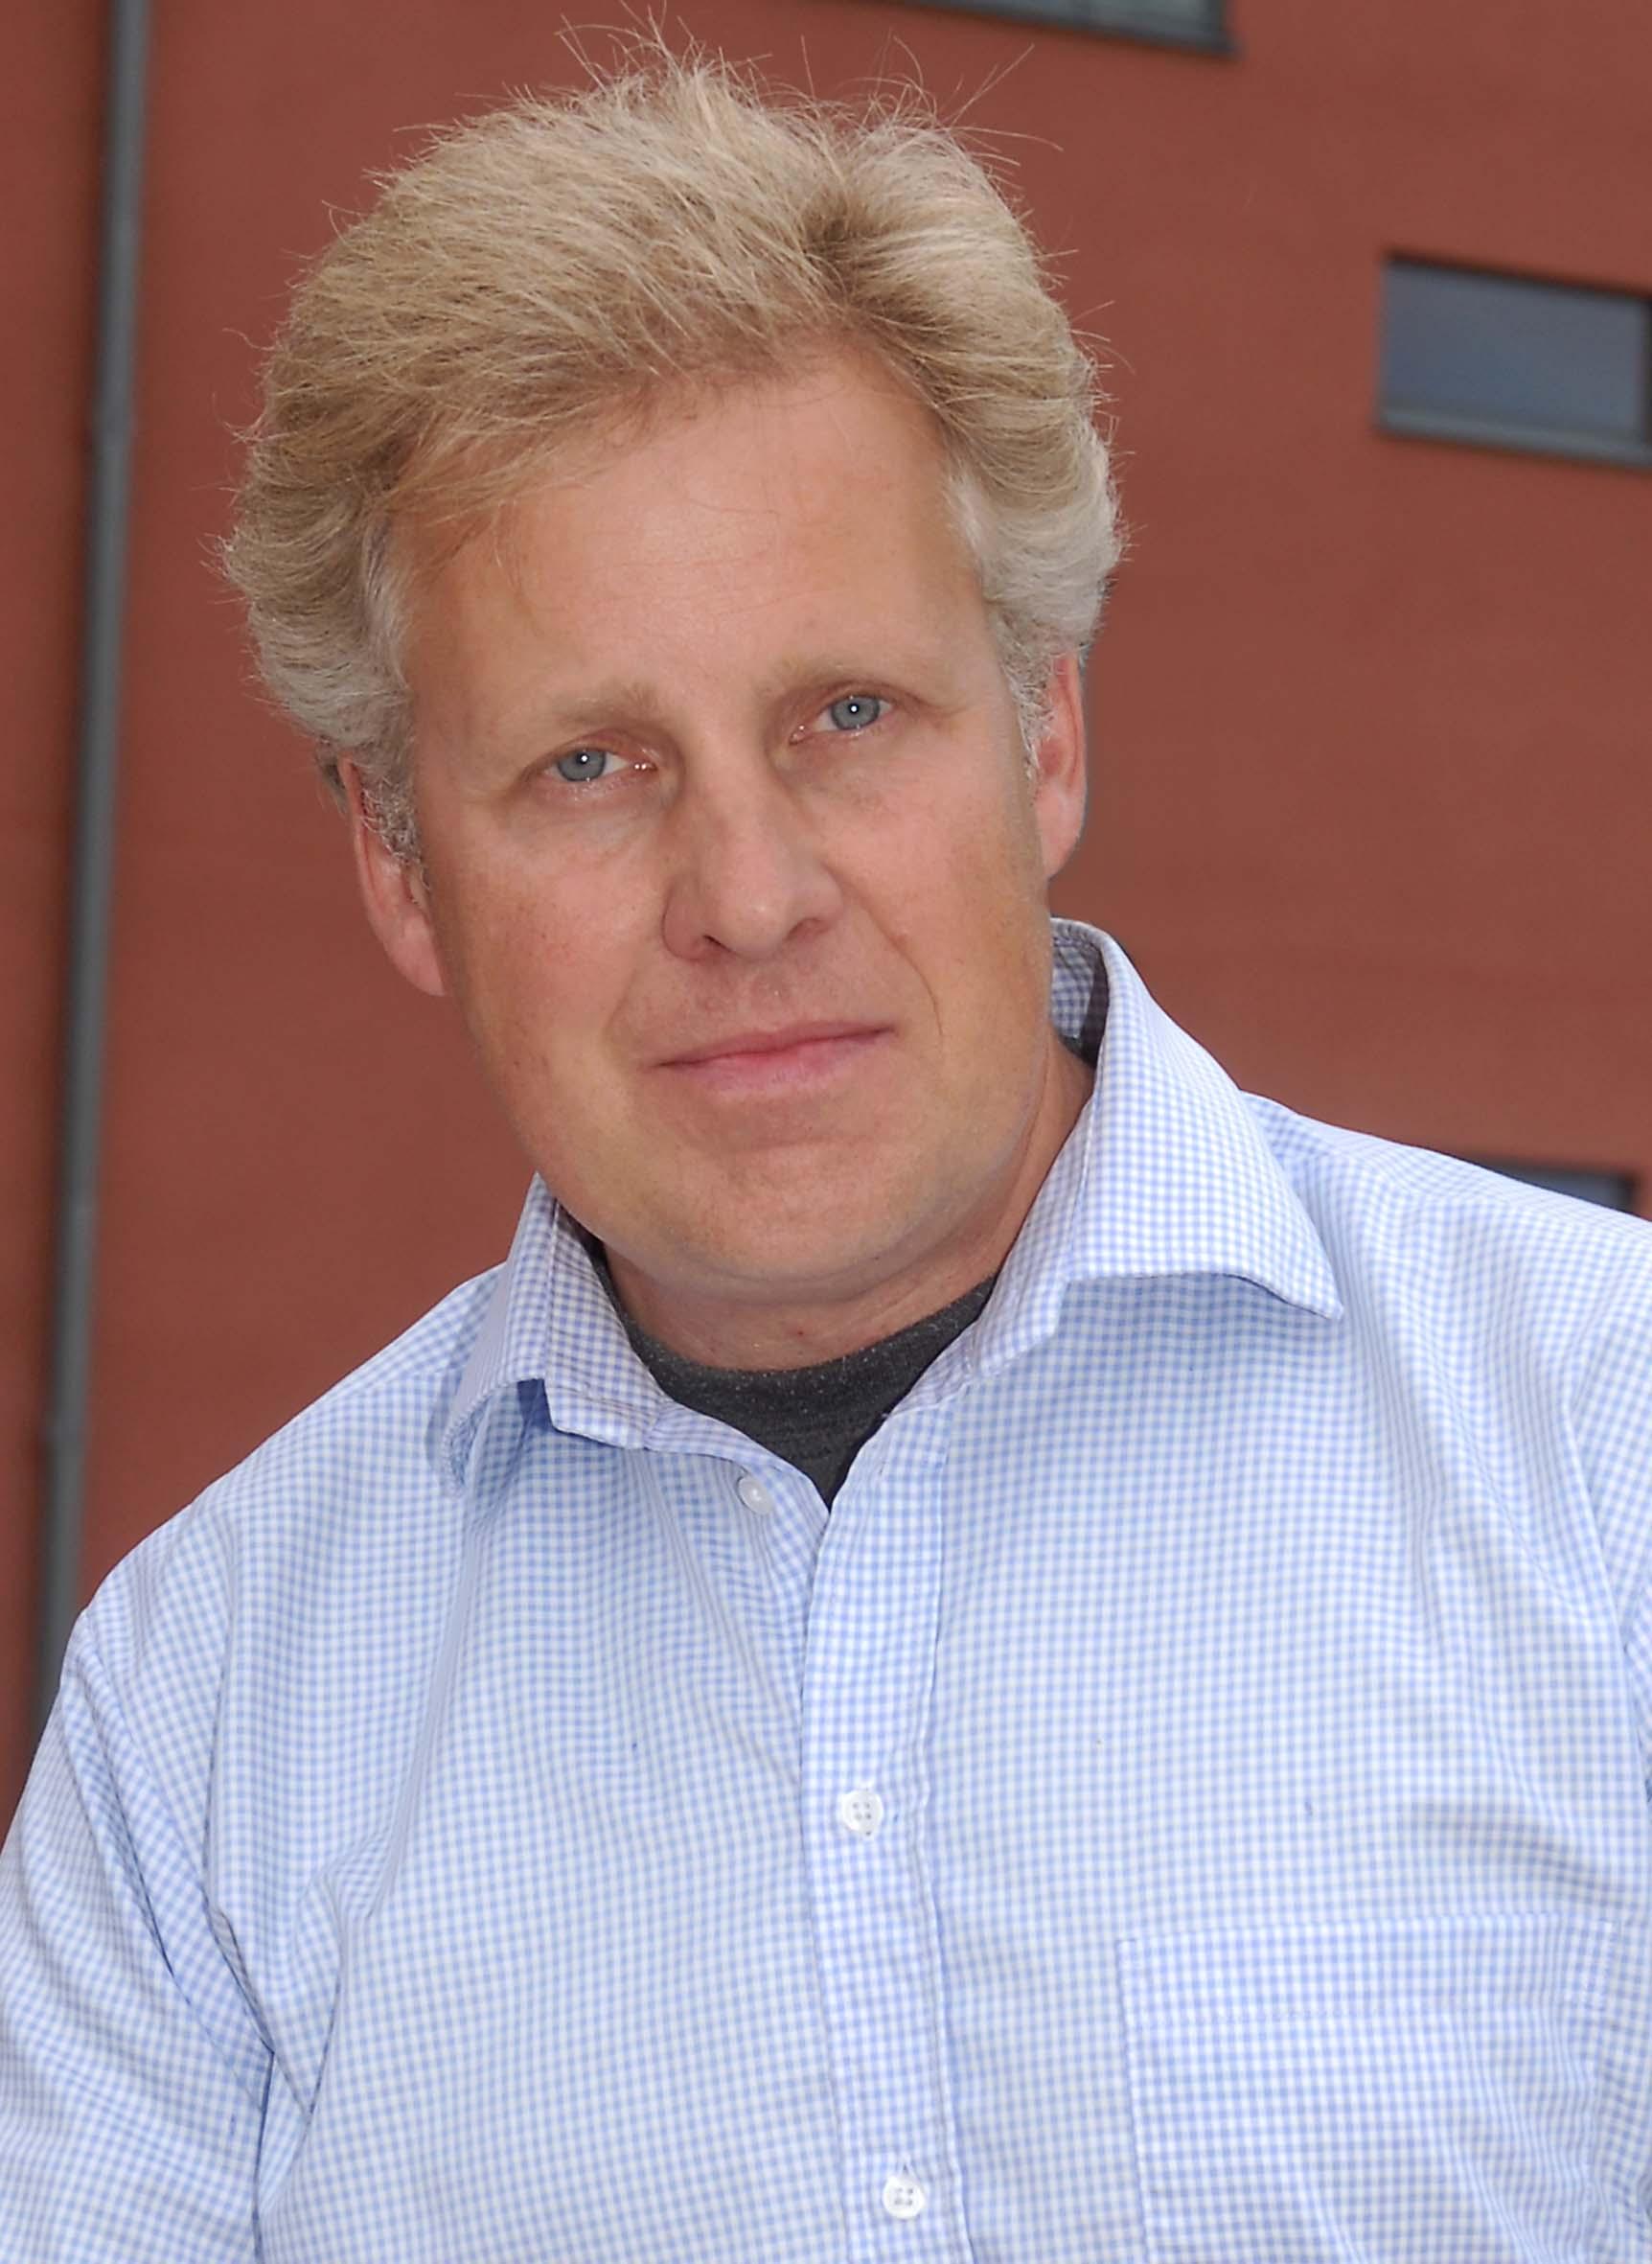 Michael Österlund